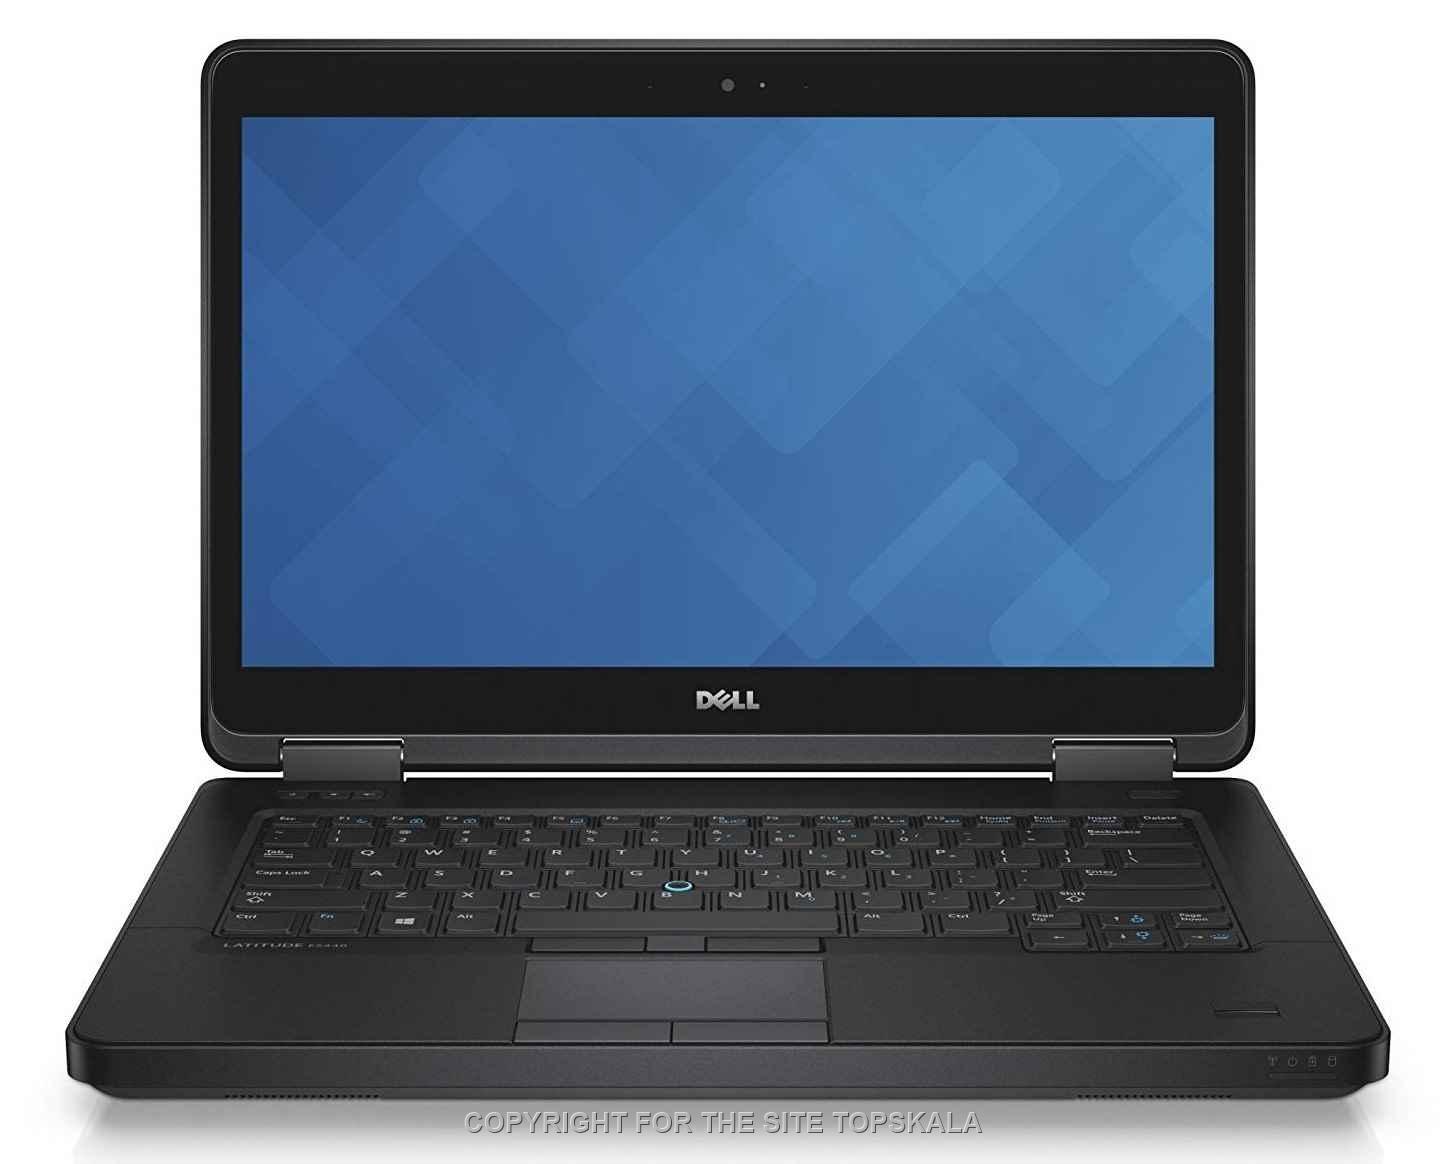 لپ تاپ استوک دل مدل Dell Latitude E5440 - دارای گرافیک مجزا nVidia GT 720M